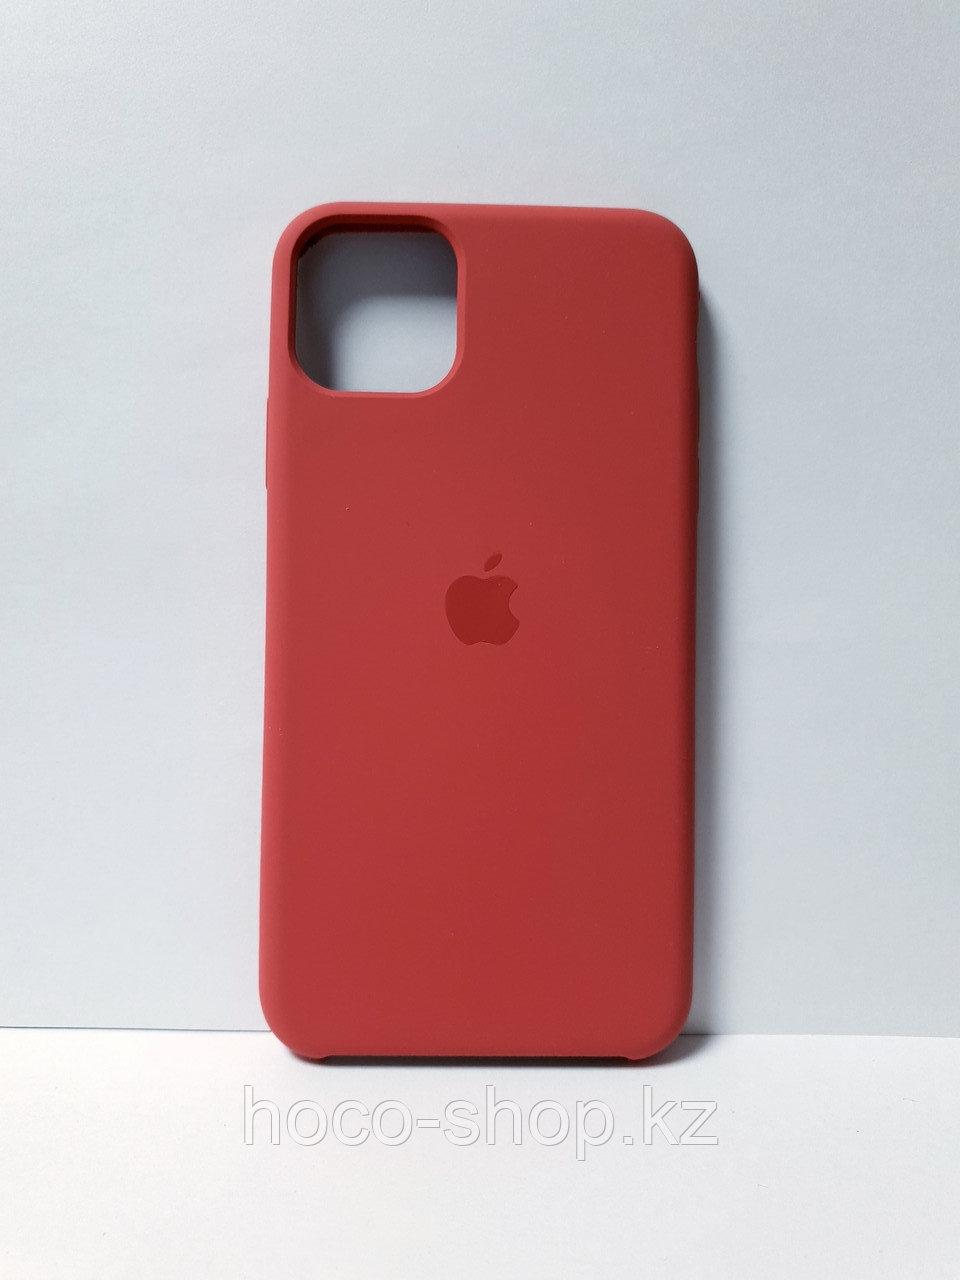 Защитный чехол для iPhone 11 Pro Soft Touch силиконовый, коралловый